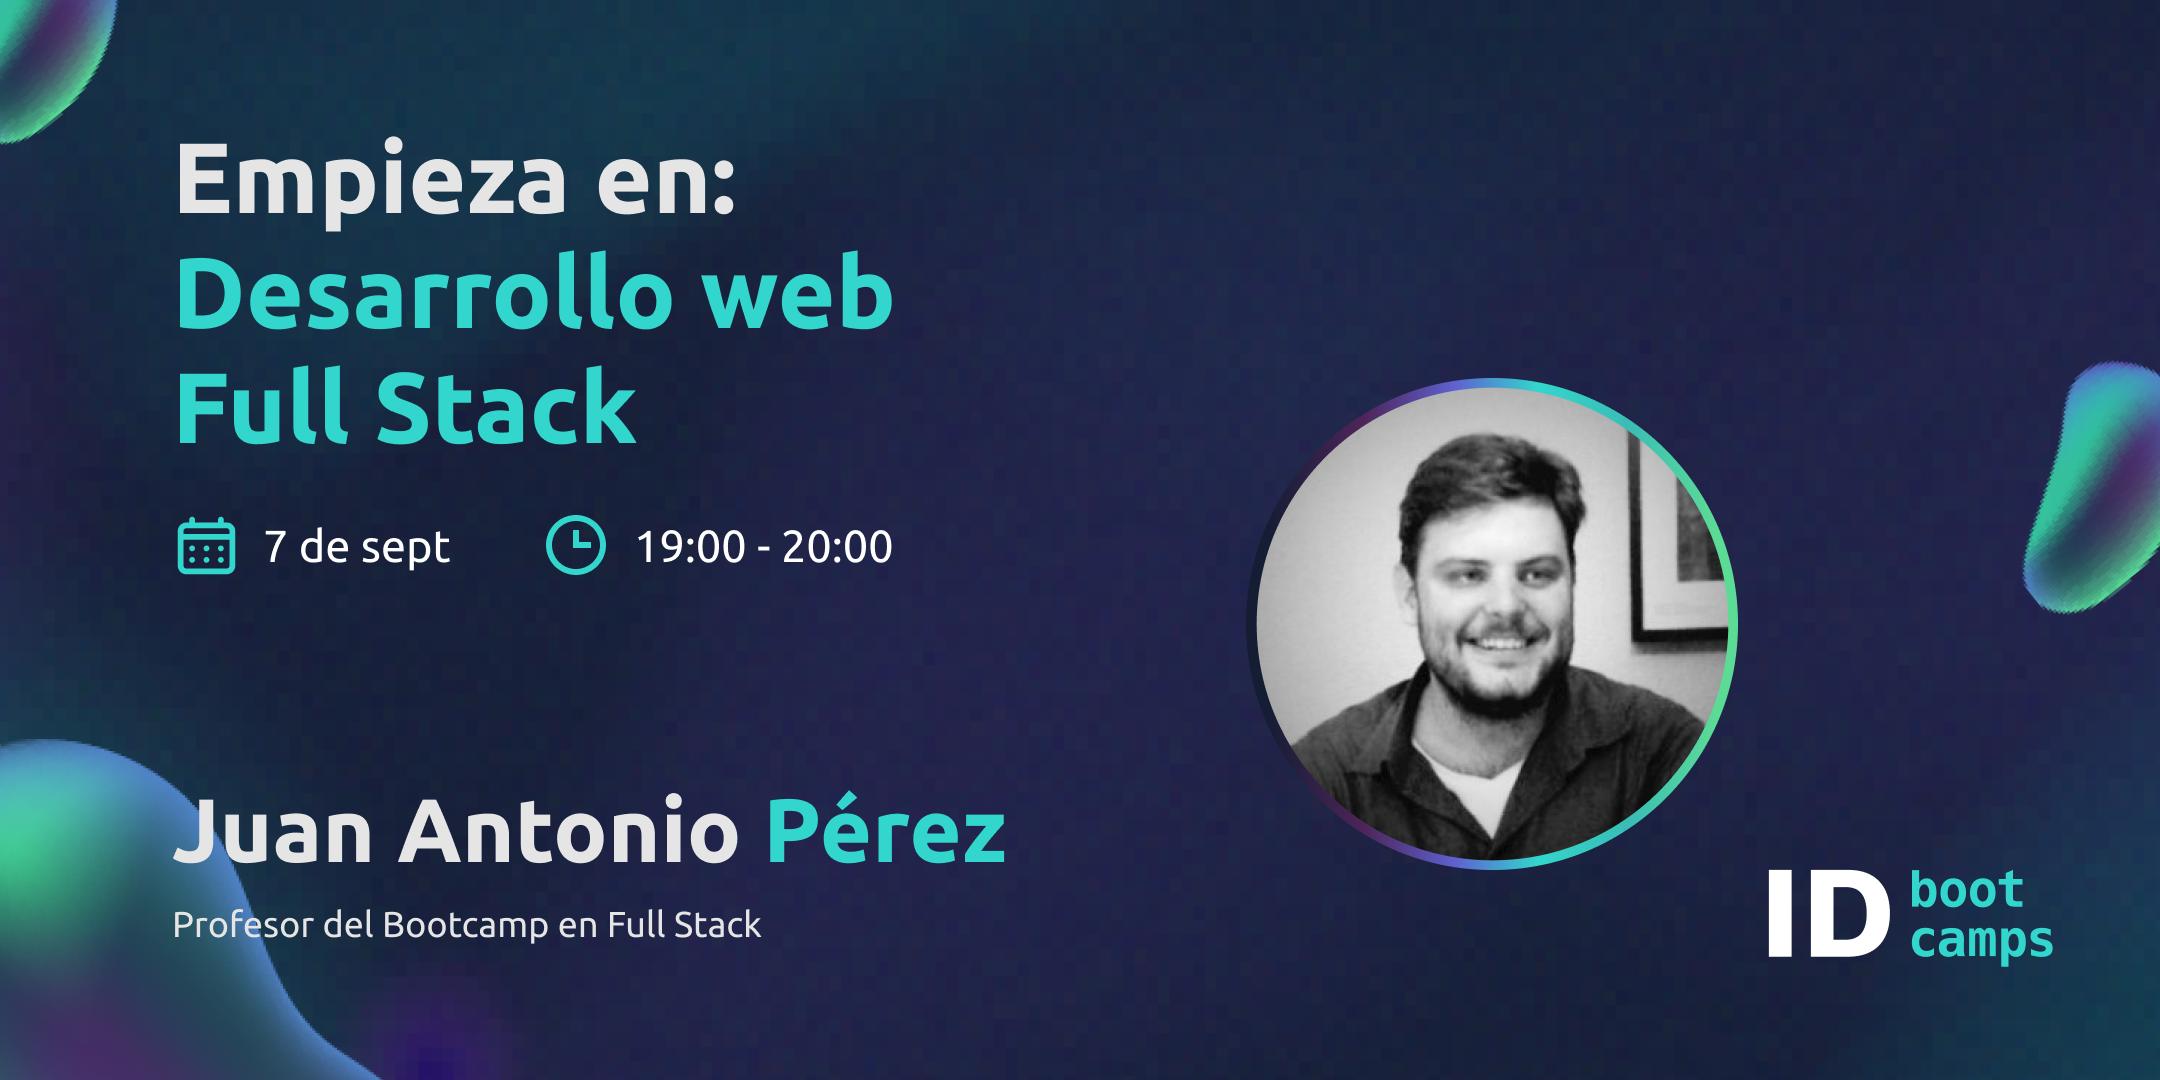 Empieza en Desarrollo web y programación Full Stack - Juan Antonio Pérez - ID Bootcamps